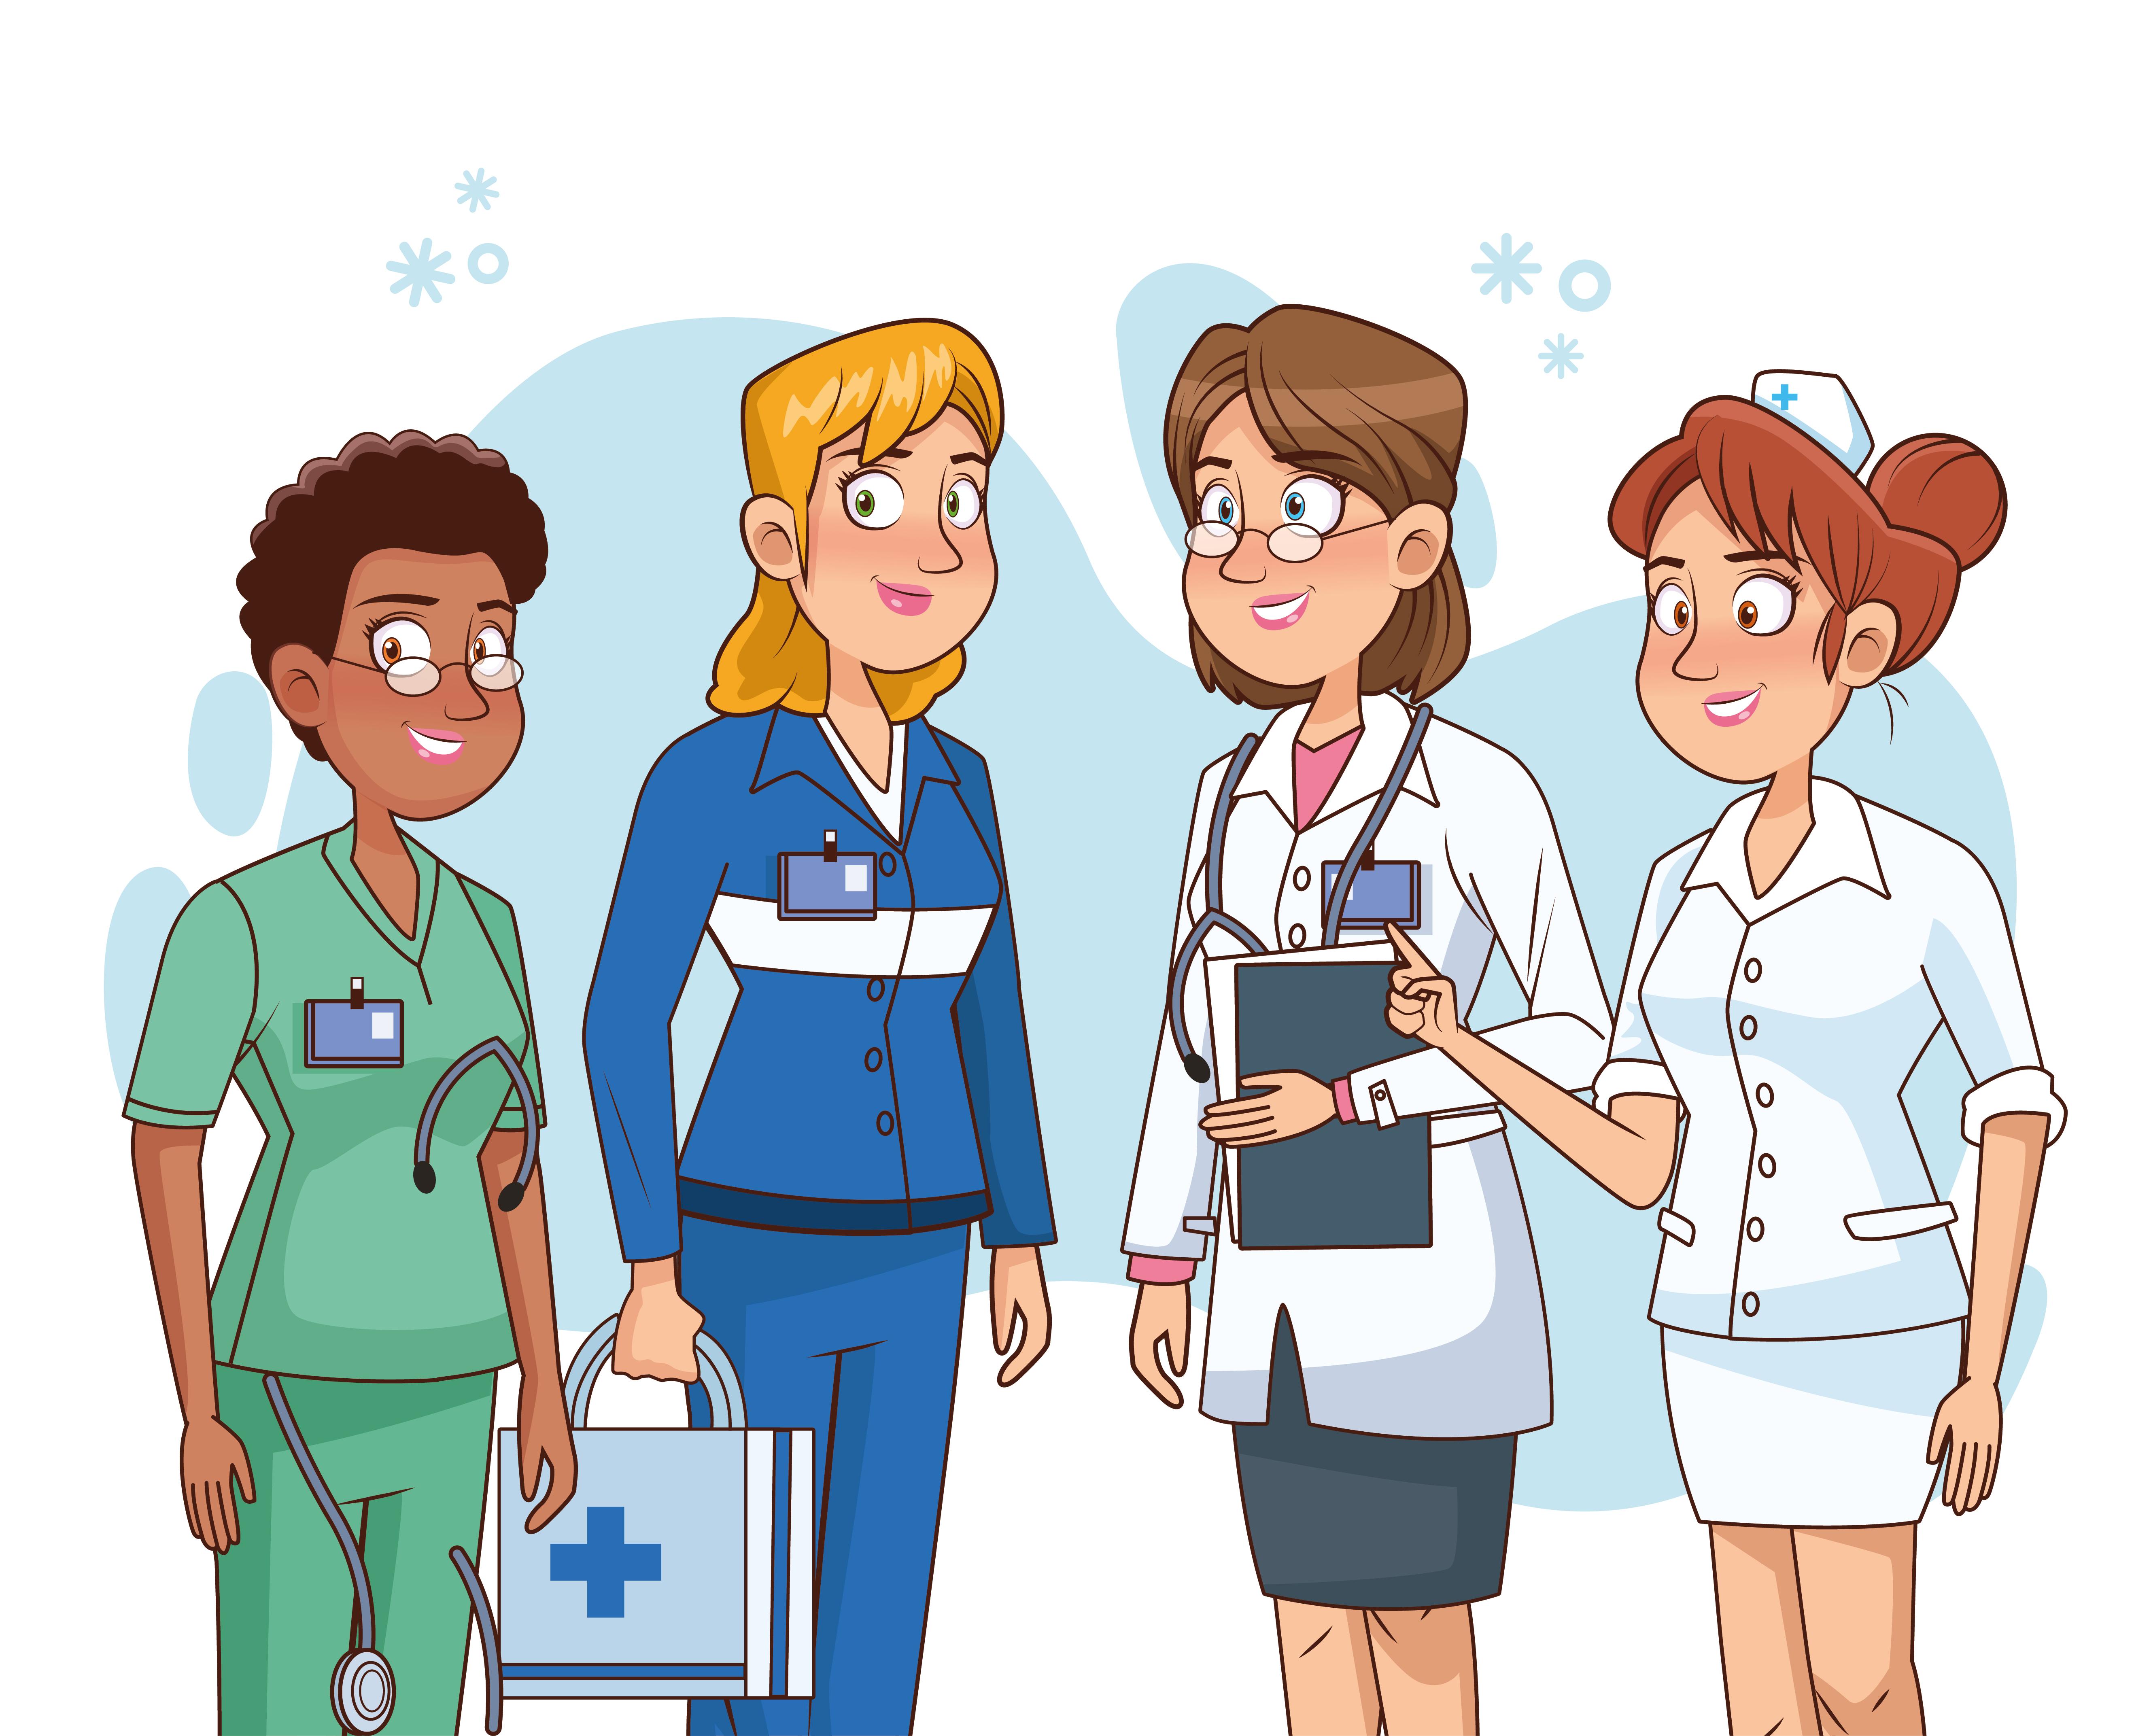 personajes profesionales del personal médico femenino